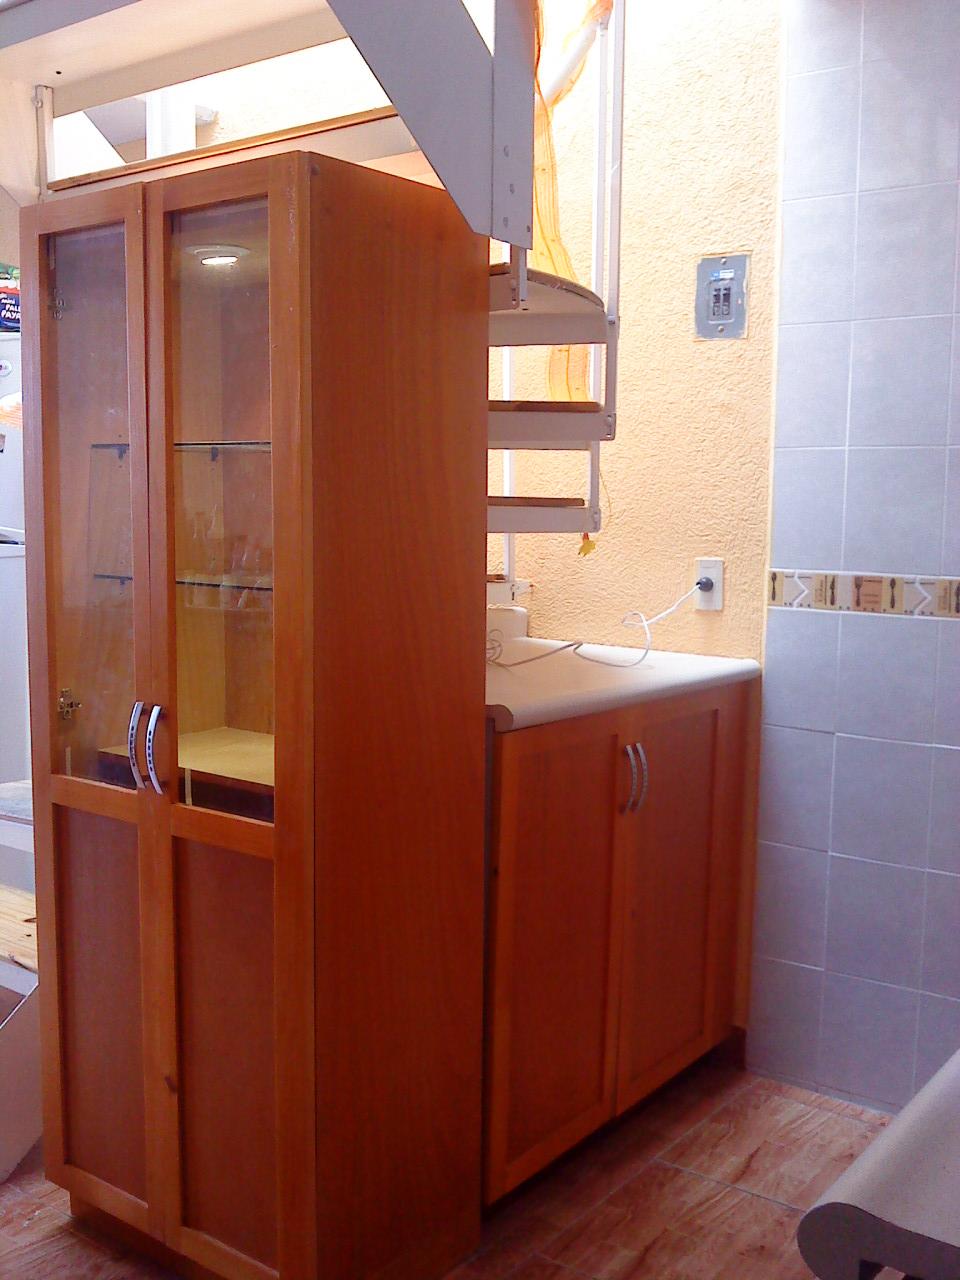 Closets y cocinas integrales residencial cocina integral for Muebles para cocina integral